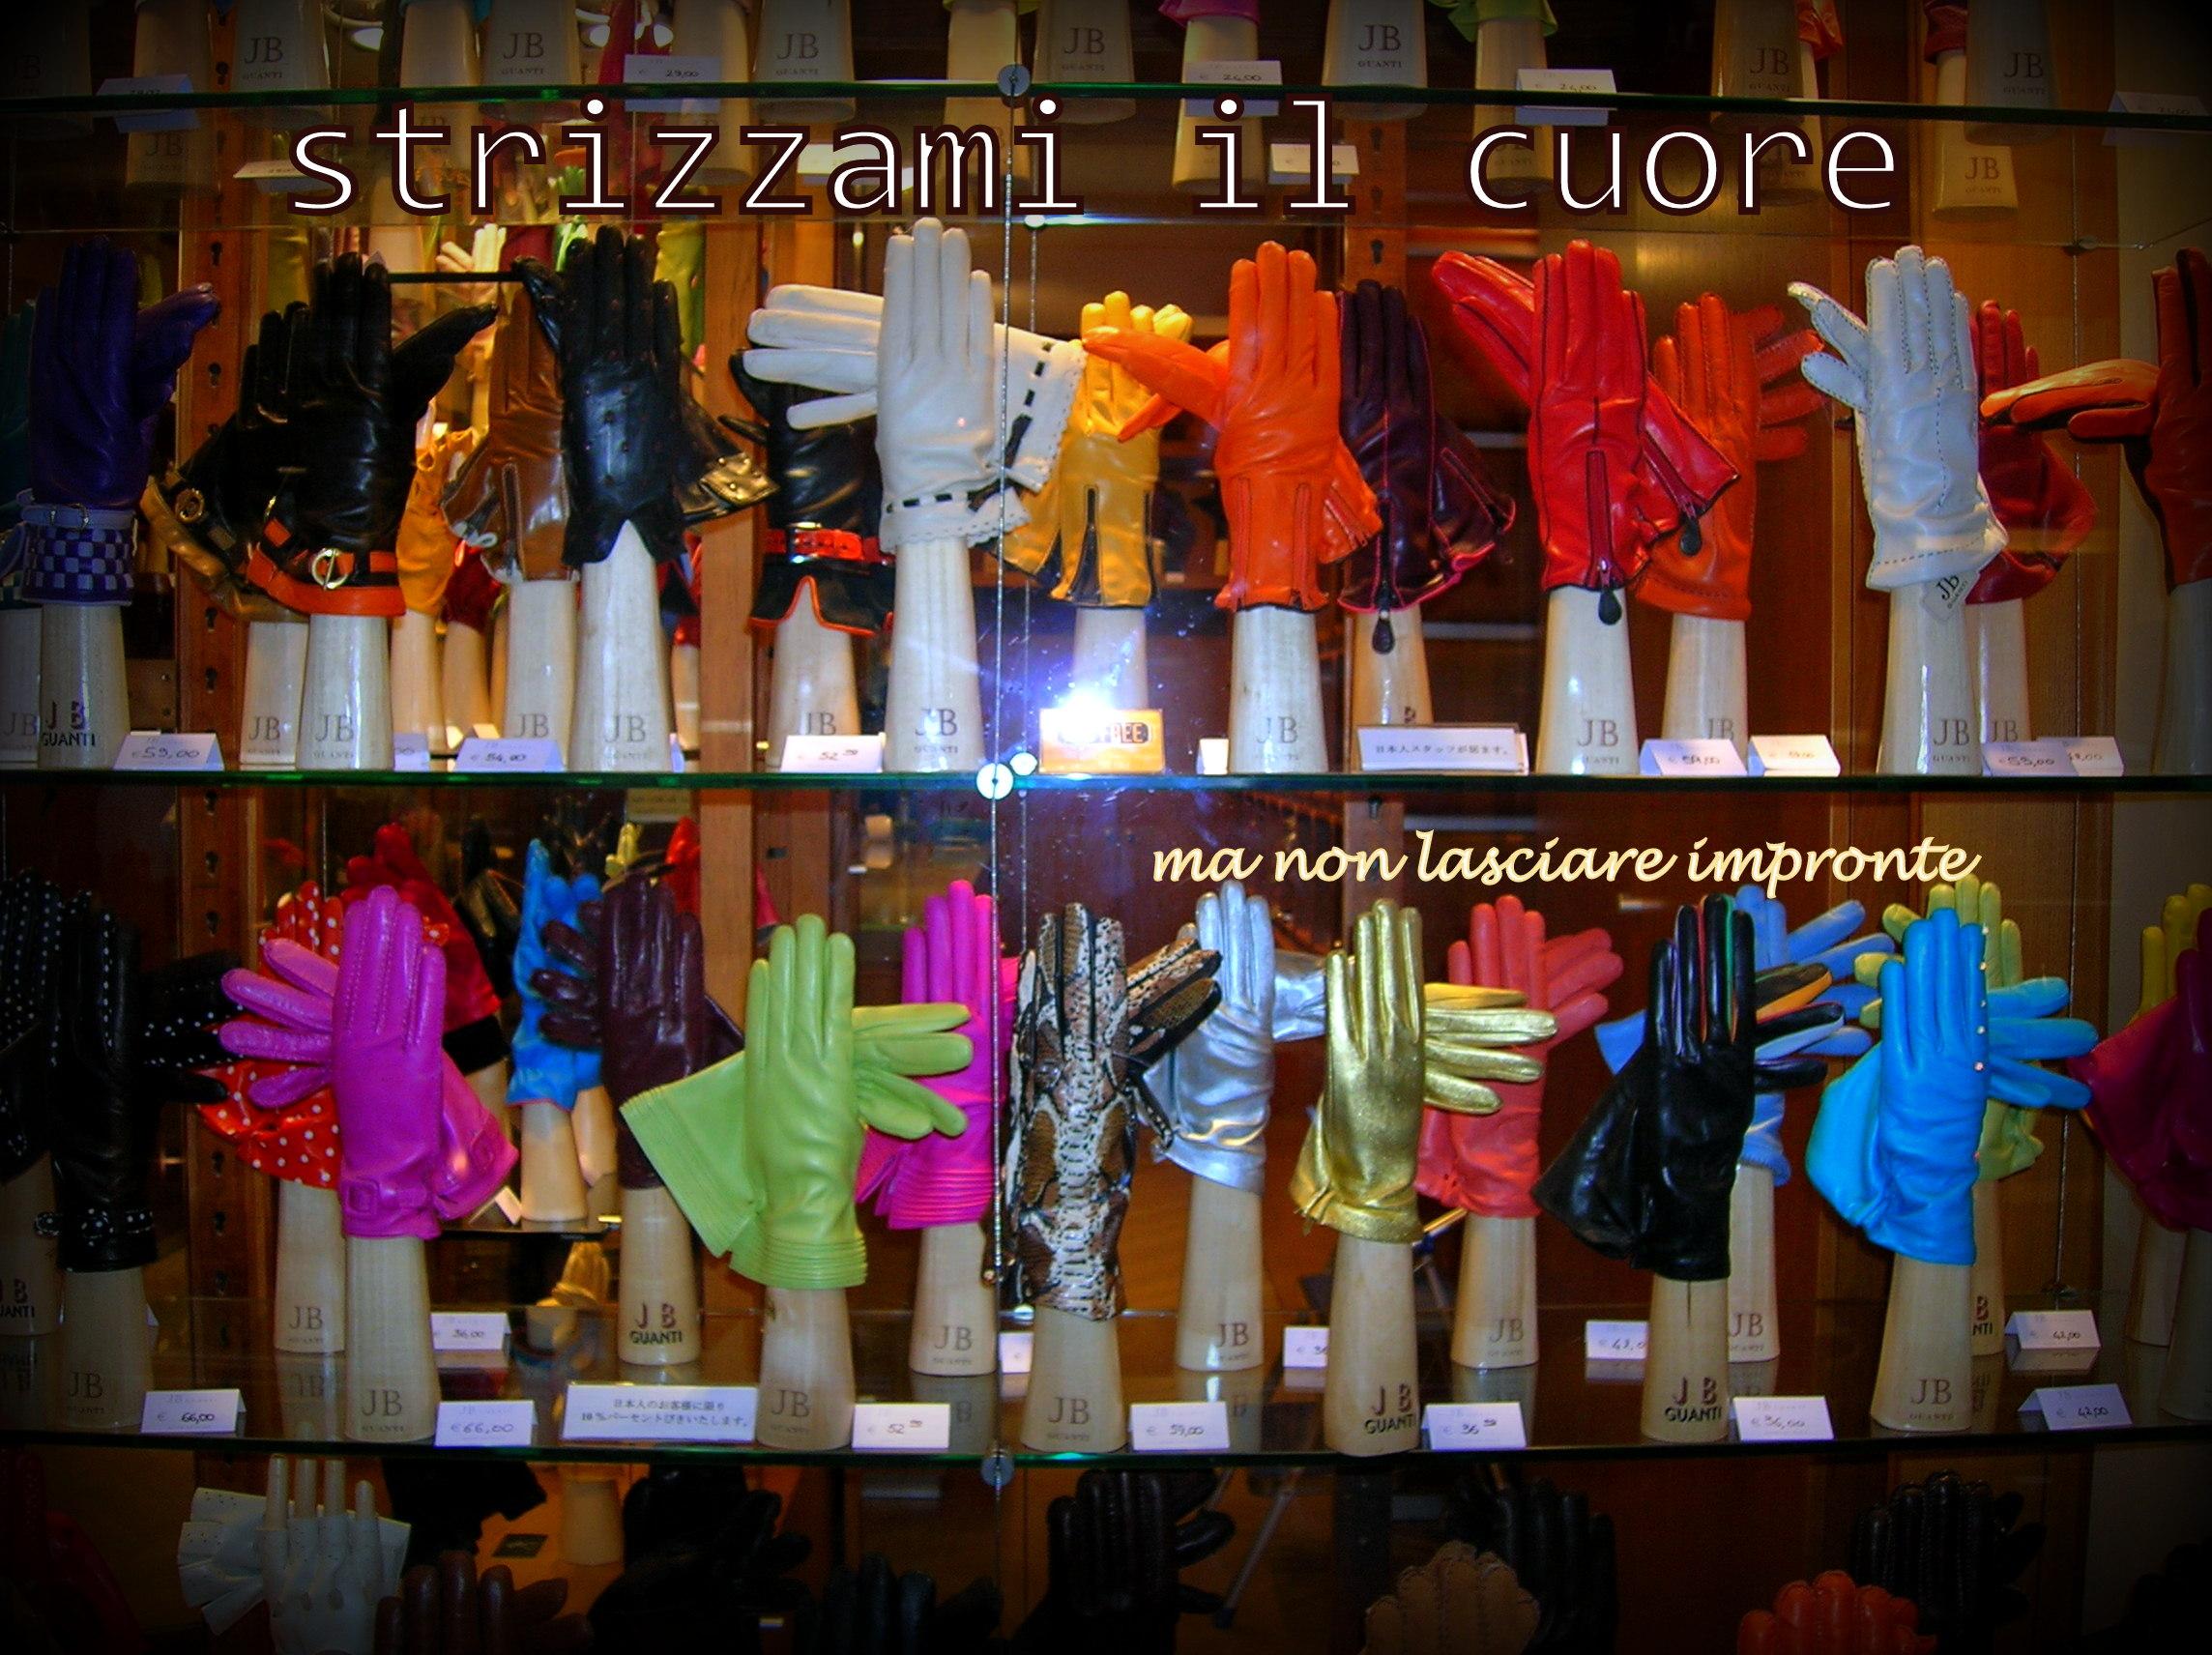 negozio di guanti